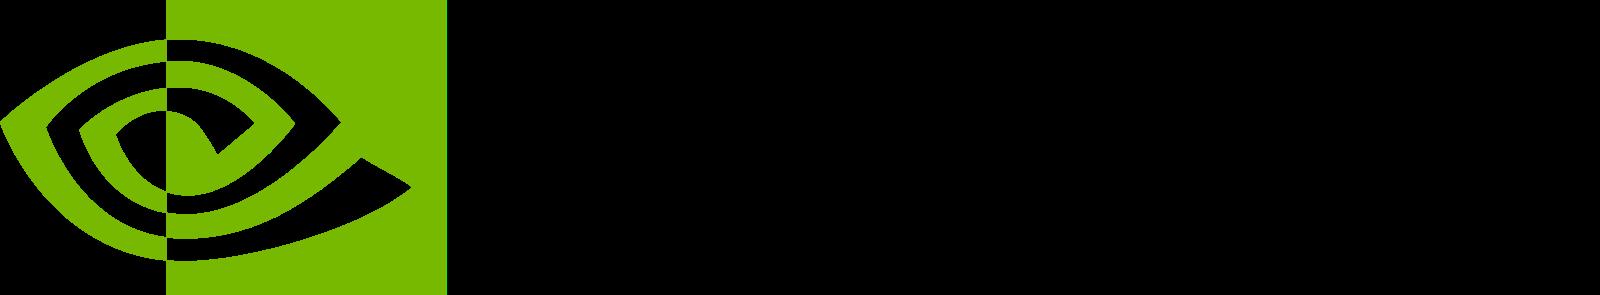 nvidia logo 4 1 - Nvidia Logo